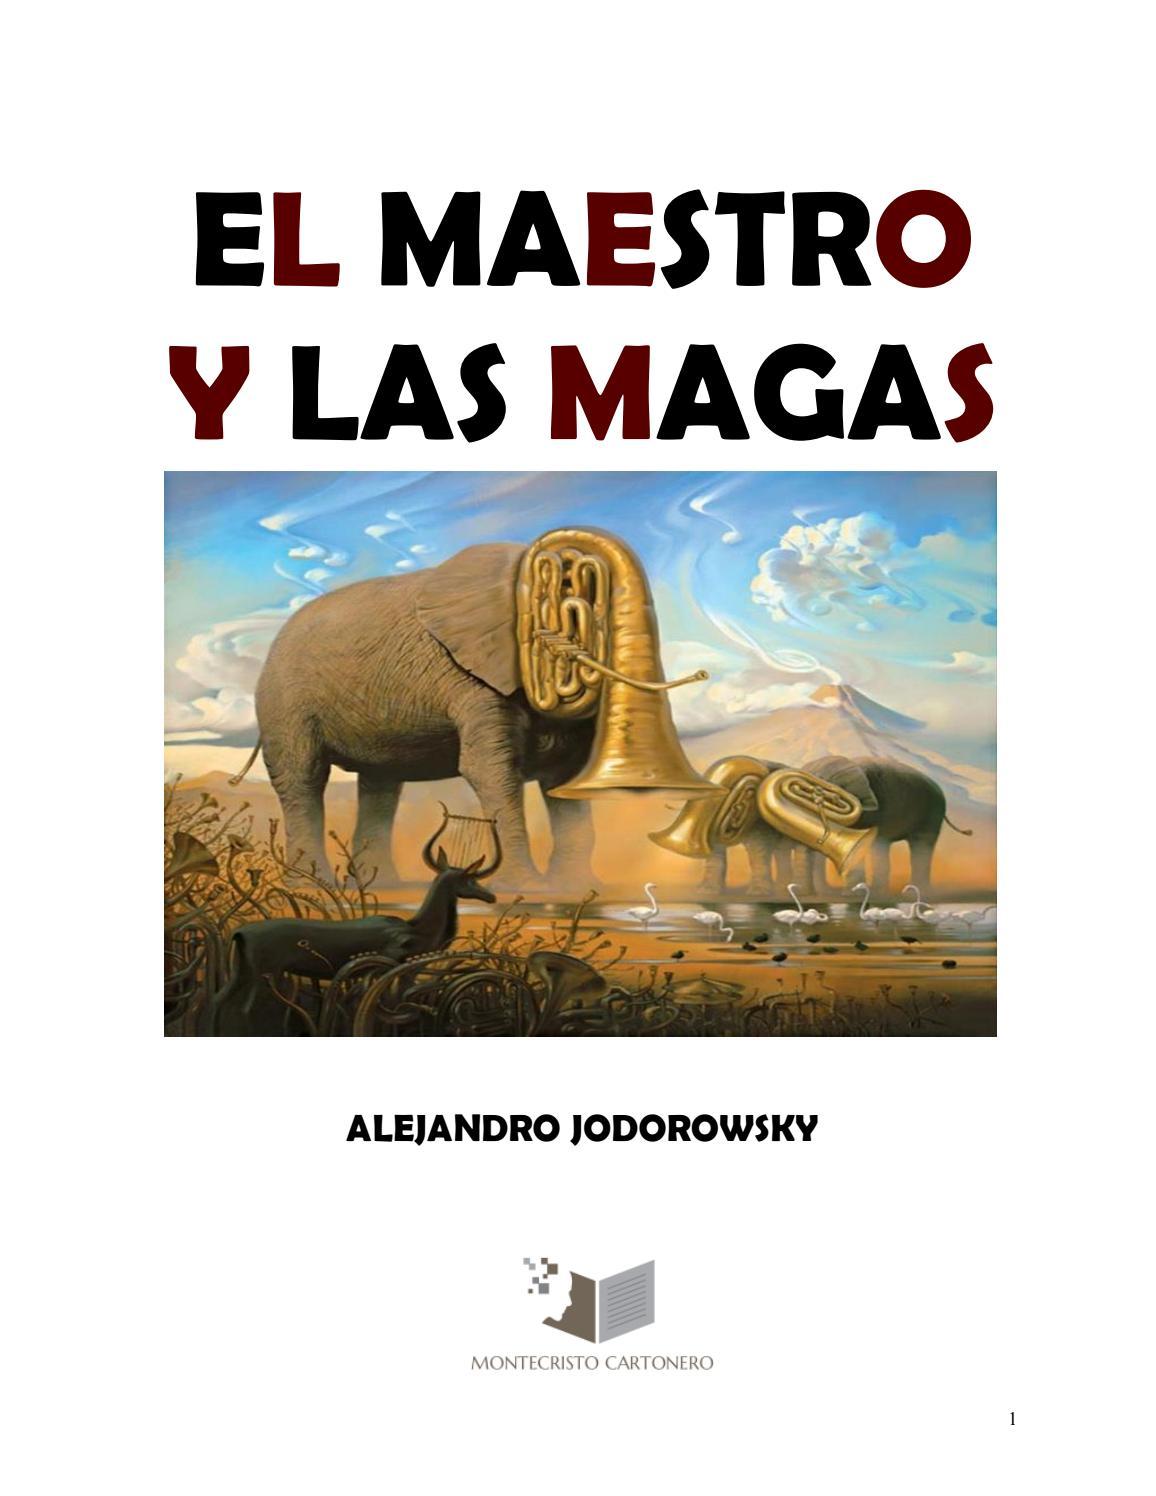 9e450a0d2f47b El maestro y las magas - Alejandro Jodorowsky by Editorial Montecristo  Cartonero - issuu